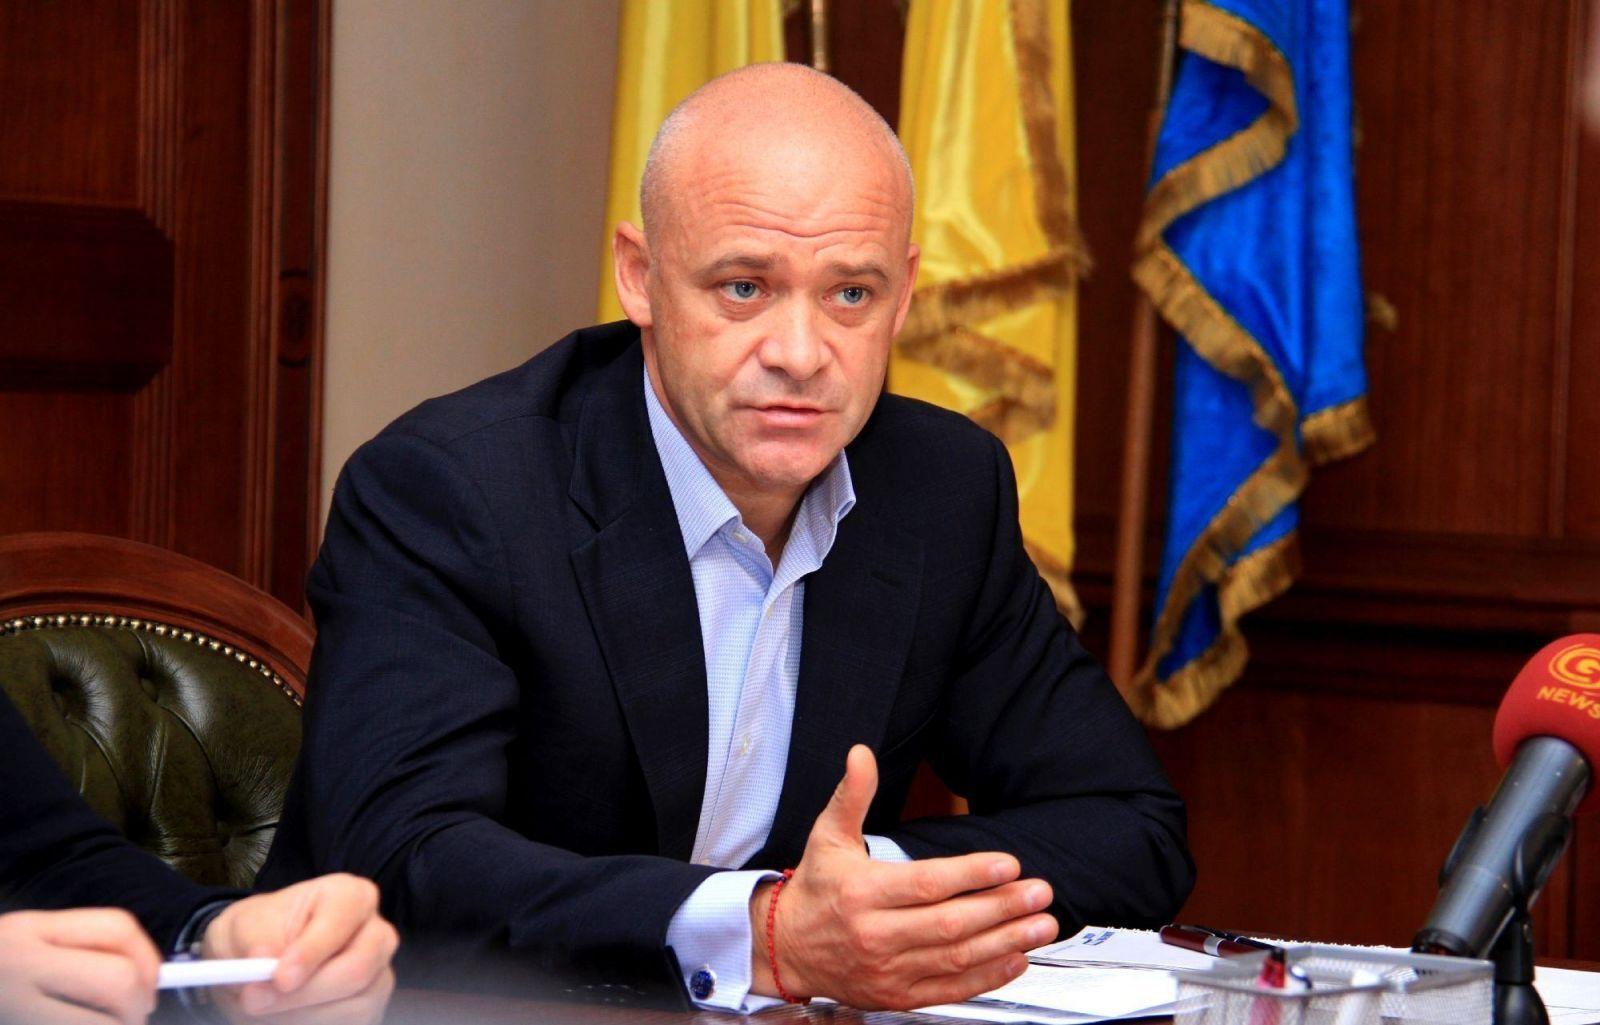 Геннадий Труханов грозит закрыть клубы, которые нарушают карантин